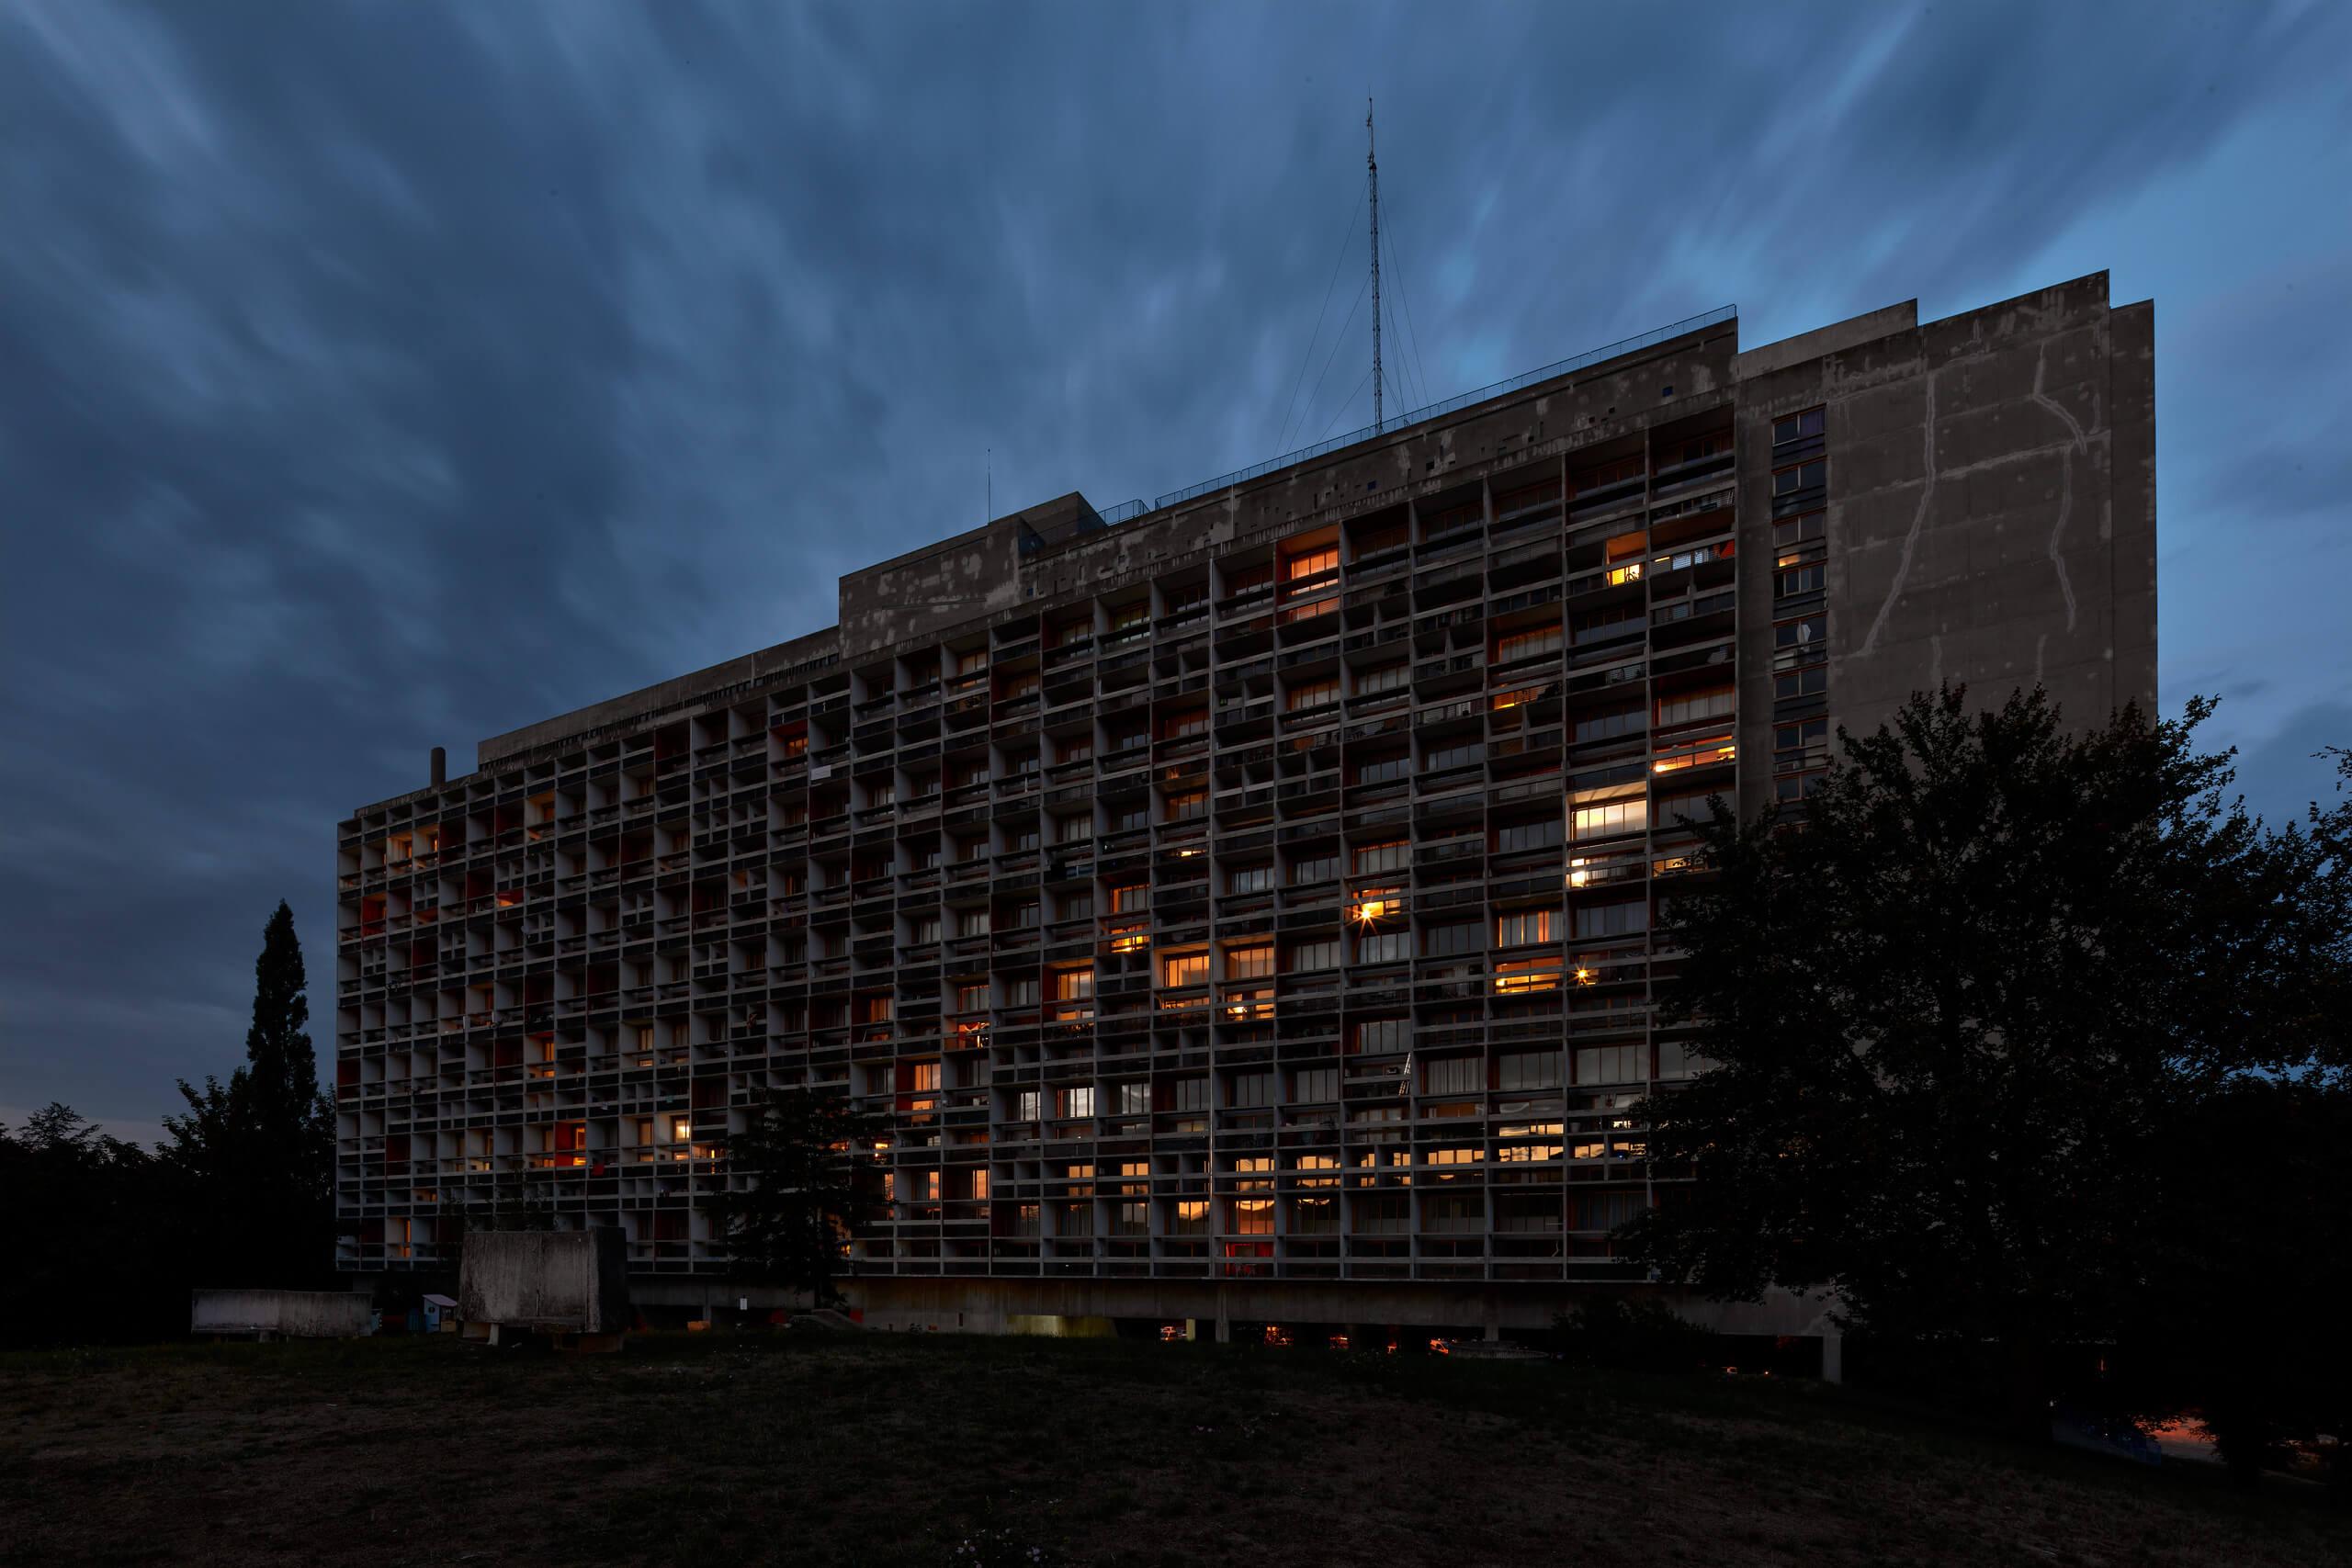 Federico_Covre_Unité_Firminy_Le_Corbusier_2018_75